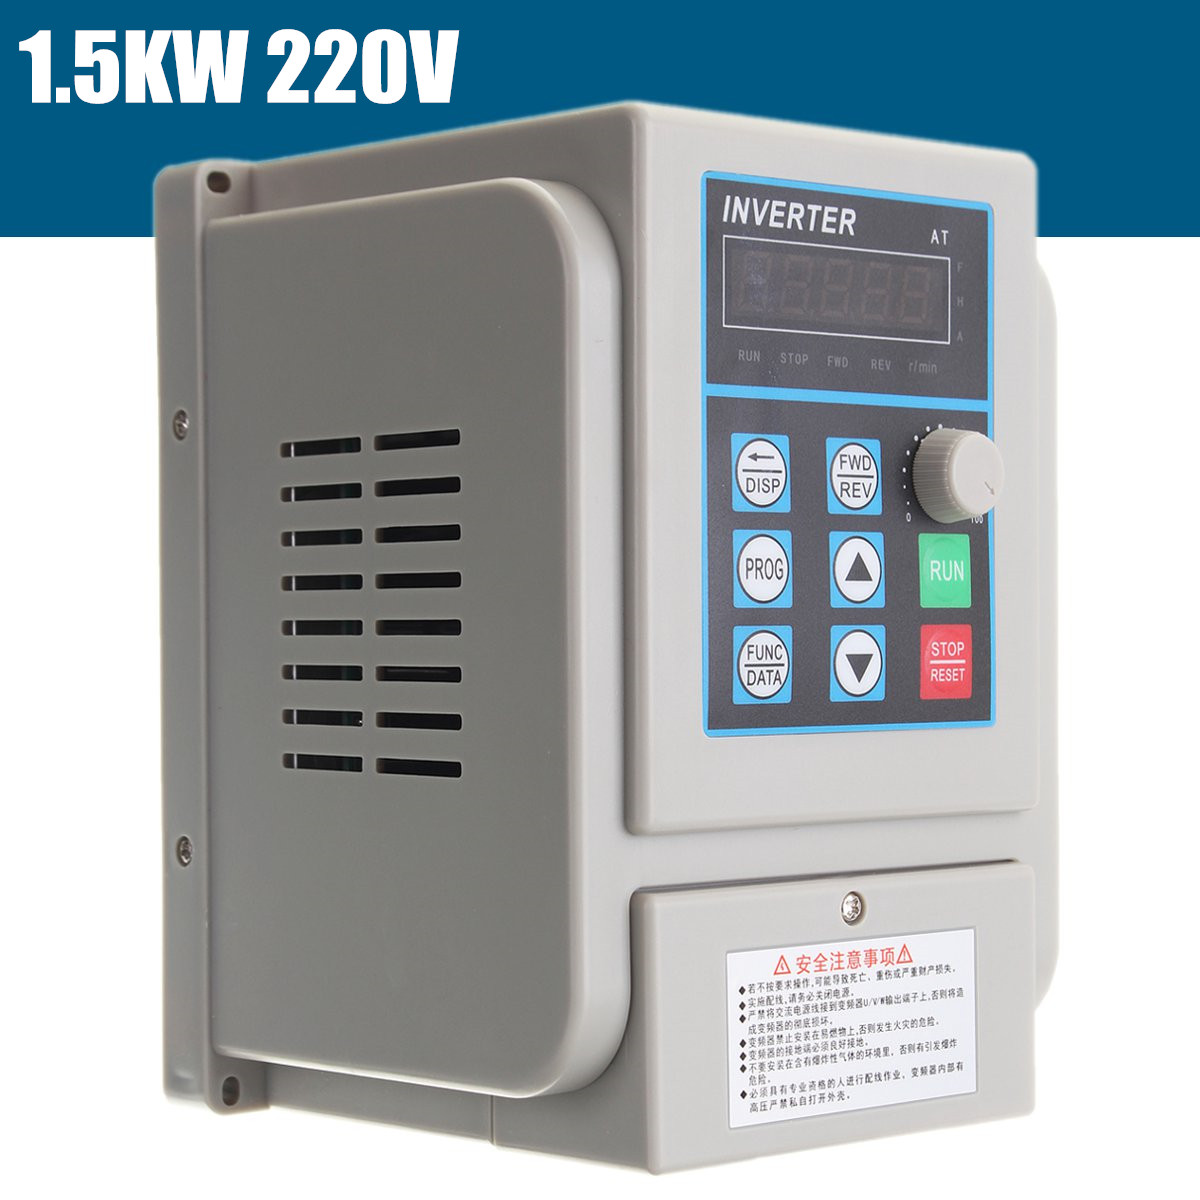 CNC moteur de Broche de contrôle de vitesse 1.5kw 220 V VFD Entraînement À Fréquence Variable VFD 2HP variateur de fréquence pour moteur Nouvelle Arrivée